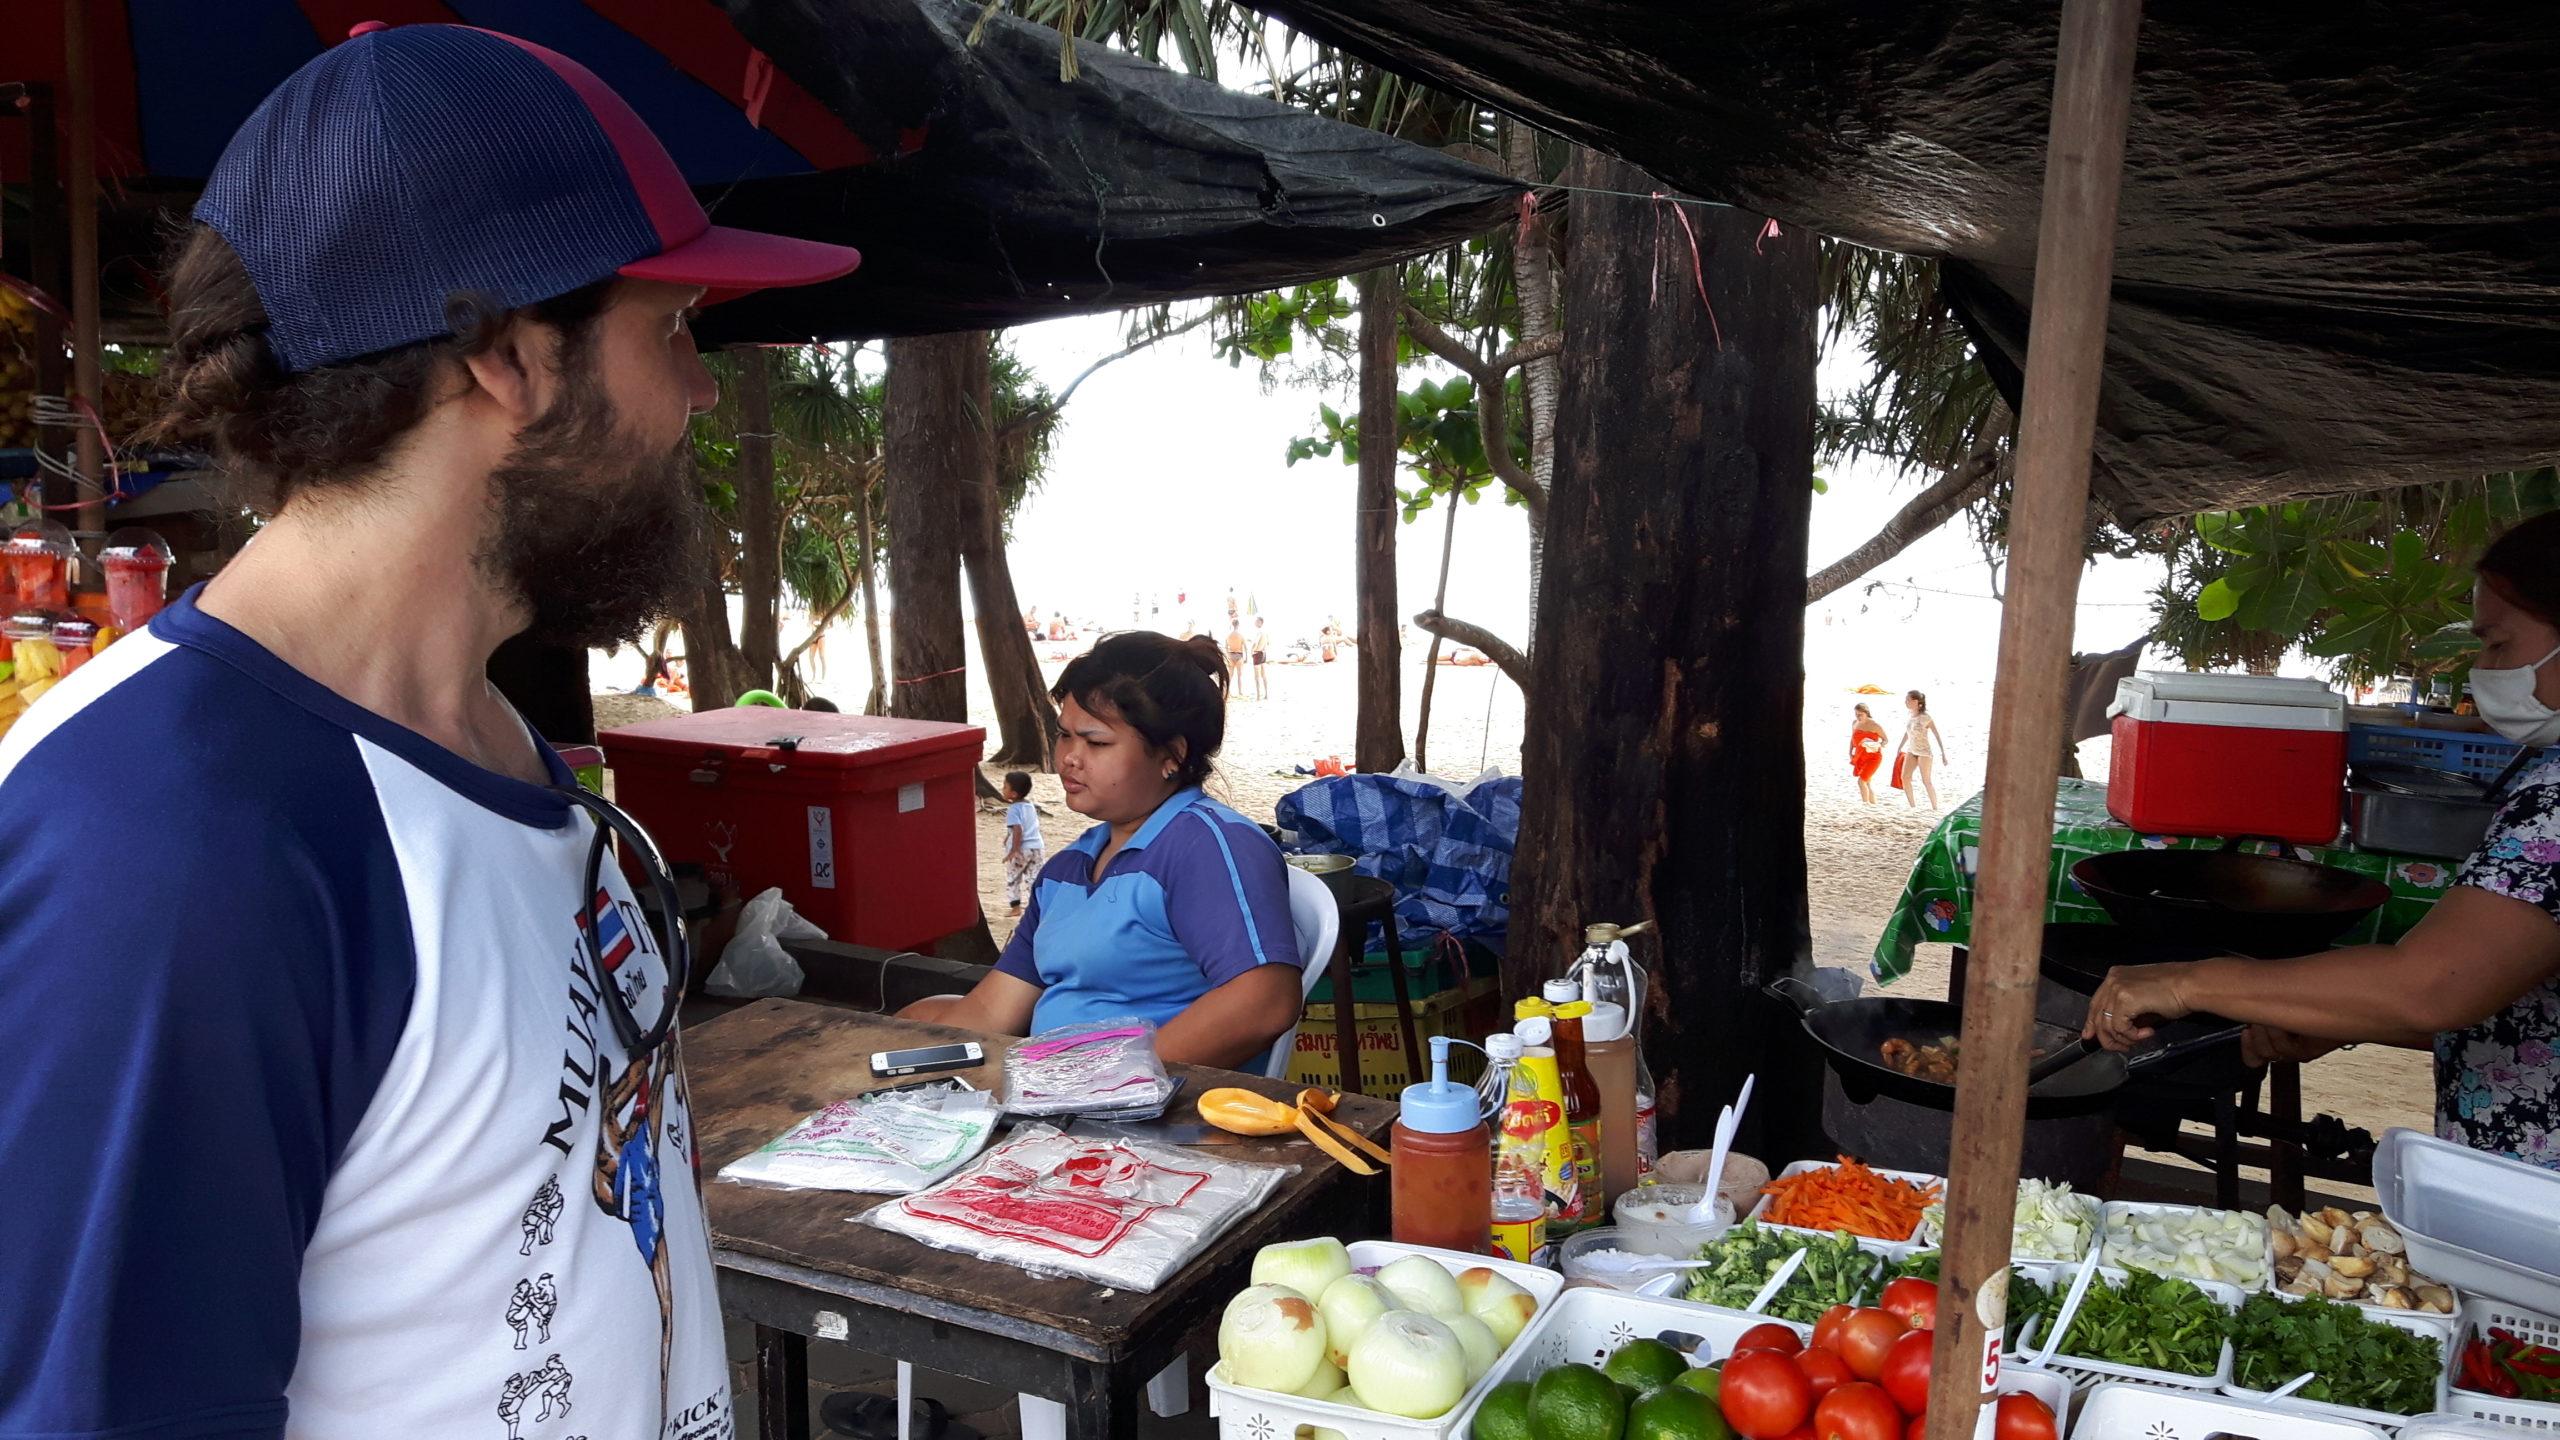 Mann am Street Food Stand in Phuket Thailand